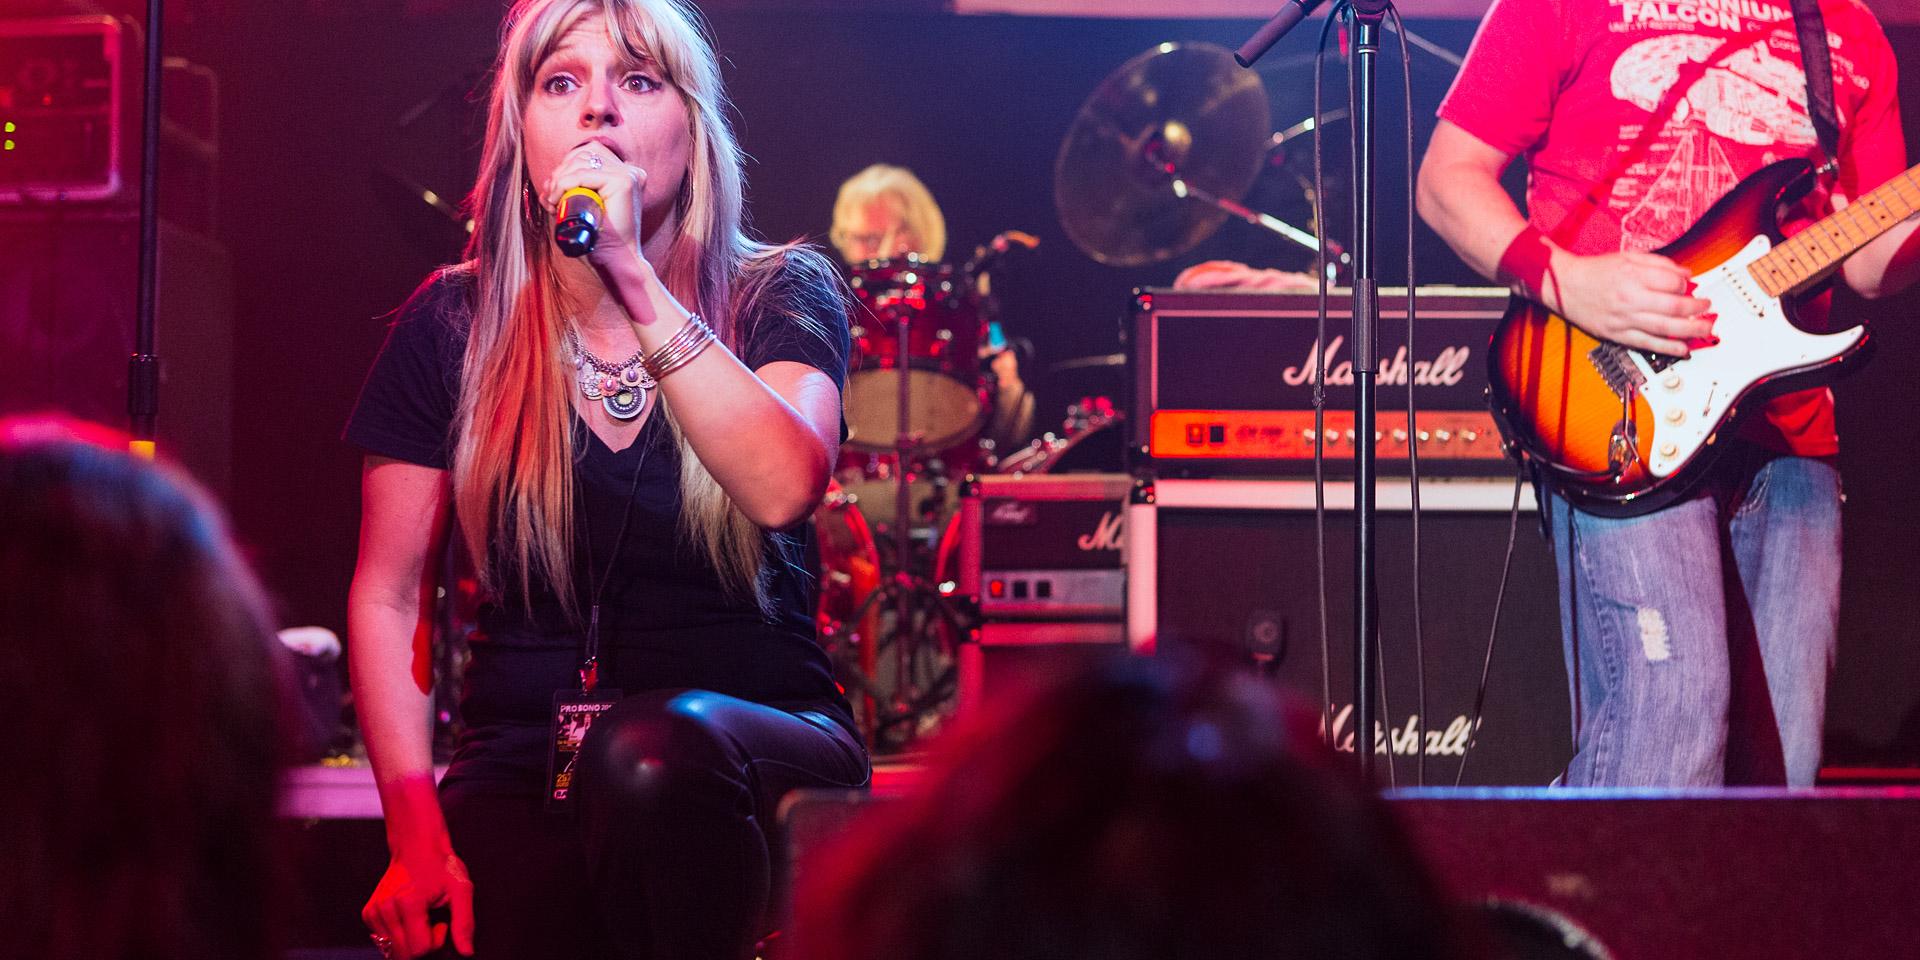 Machine Gun:  A Tina Langevin vocal moment.